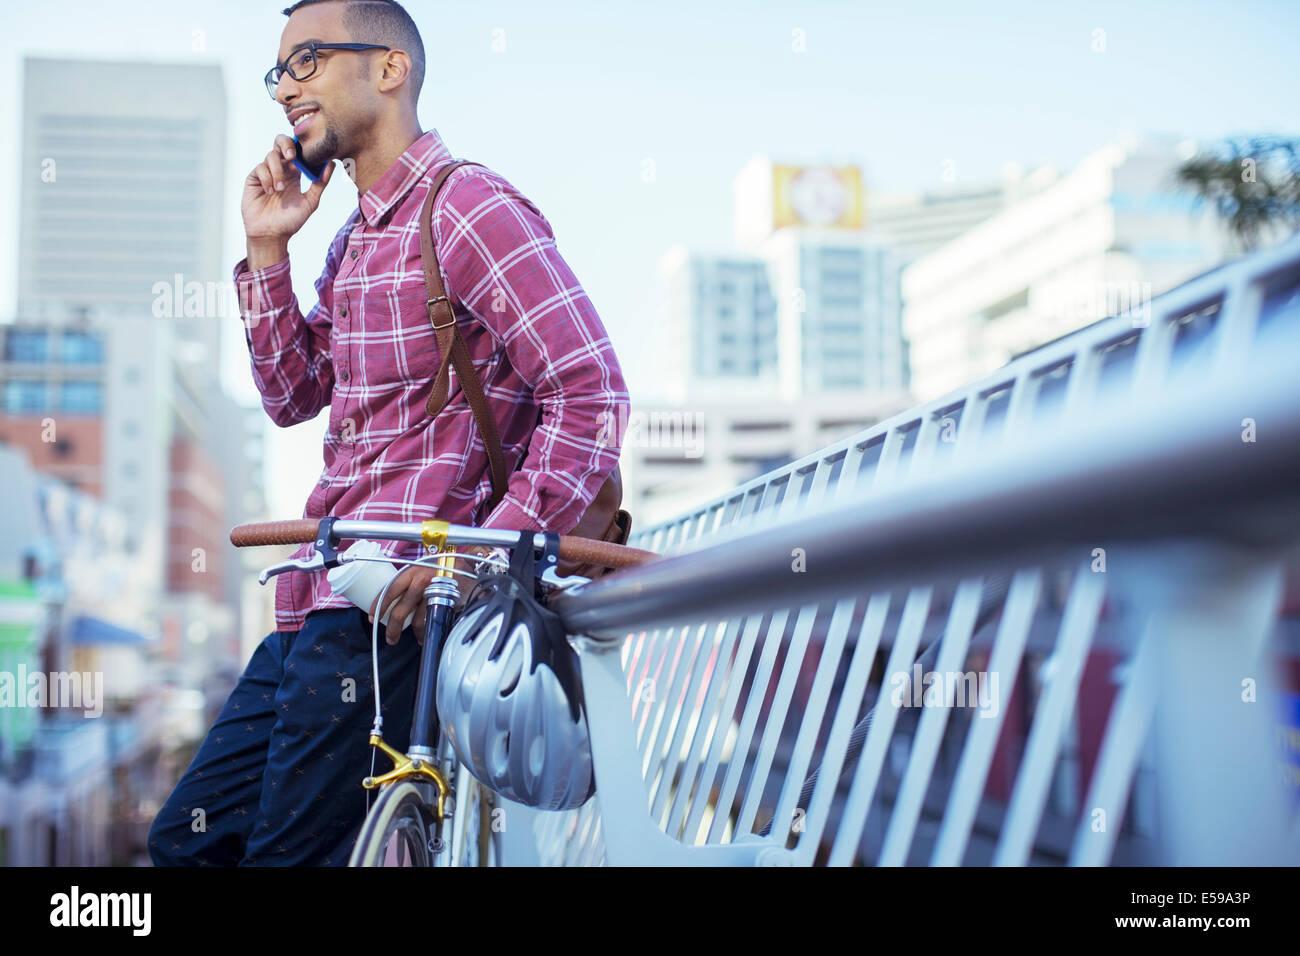 Menschen reden über Handy auf Stadt Straße Stockbild